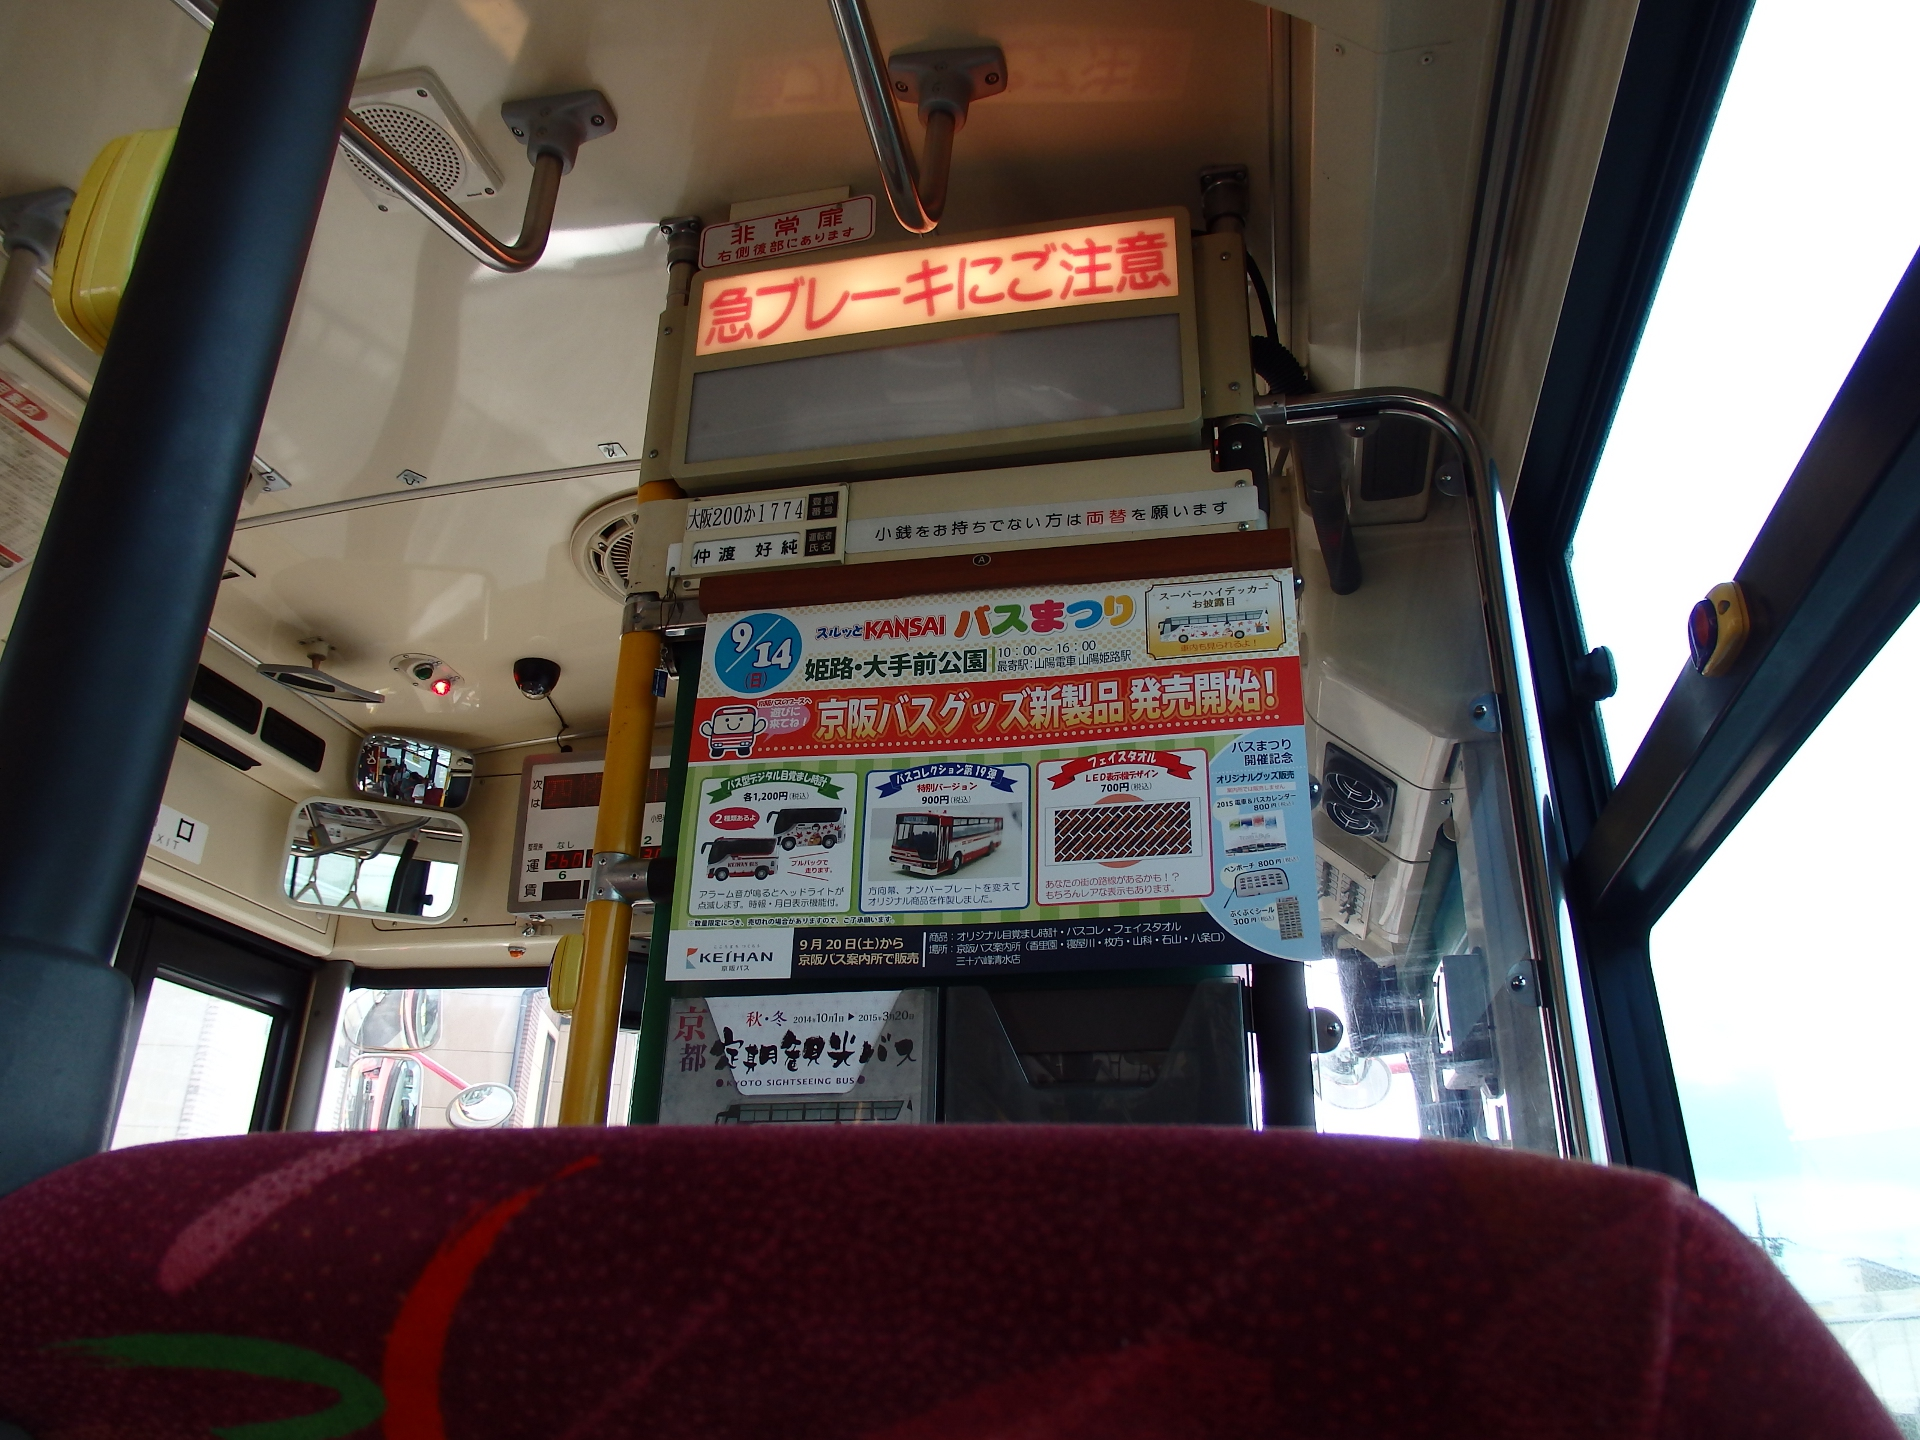 バスまつりのイベント広告です。